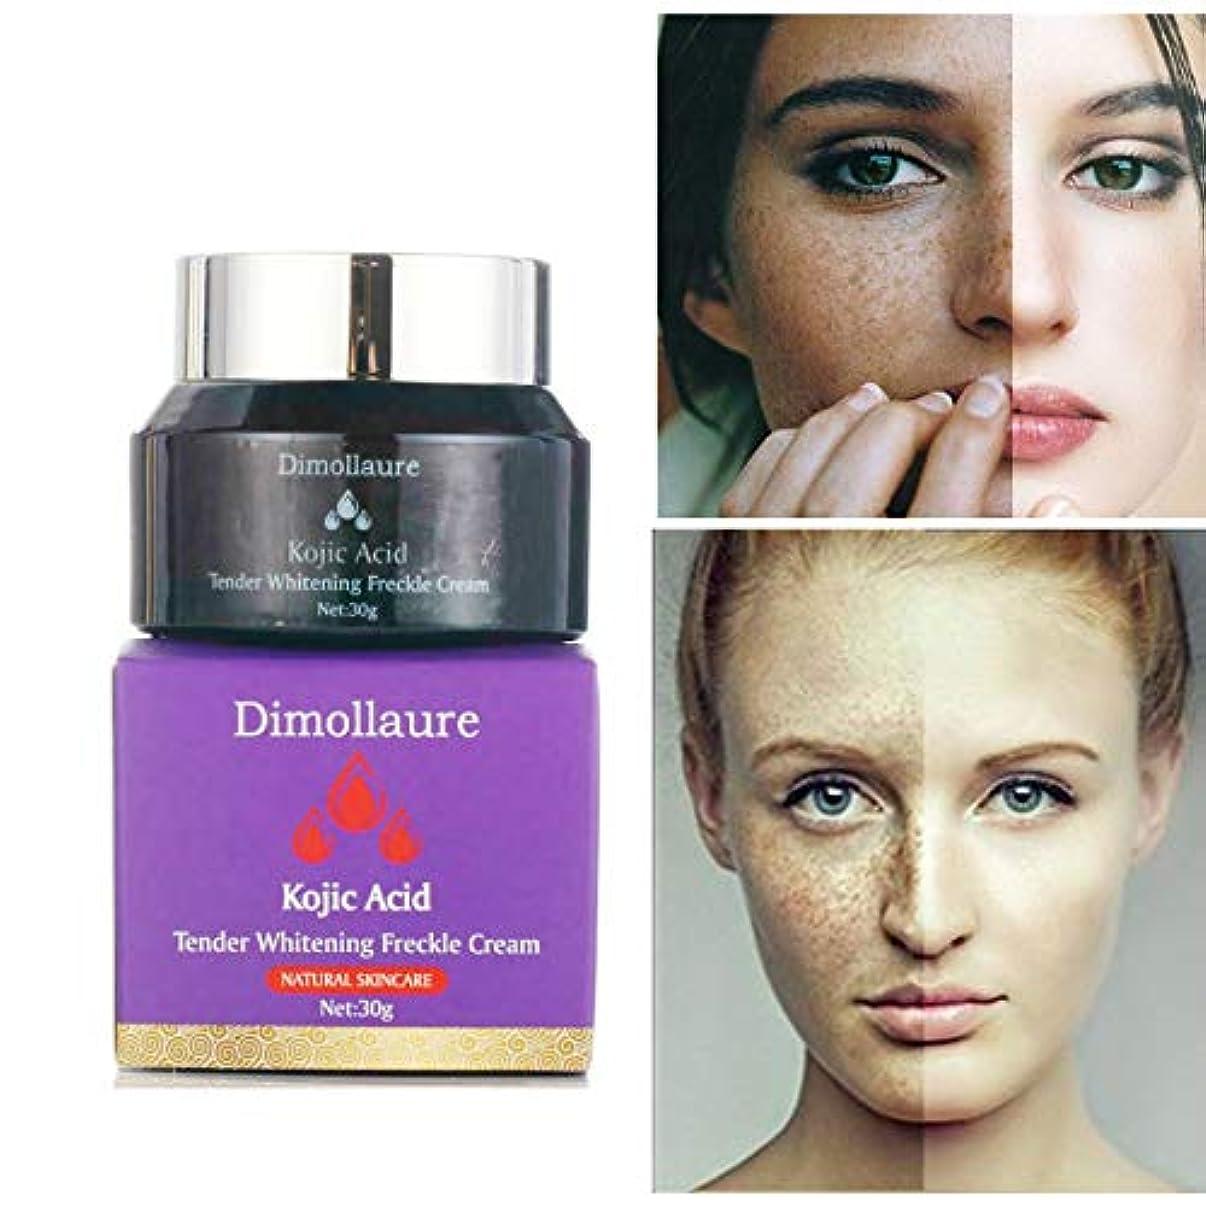 使用法フェローシップ選出するDimollaureコウジ寧フェードクリーム色素メラニン除去シミそばかす肝斑ダークスポットは、クリームを顔